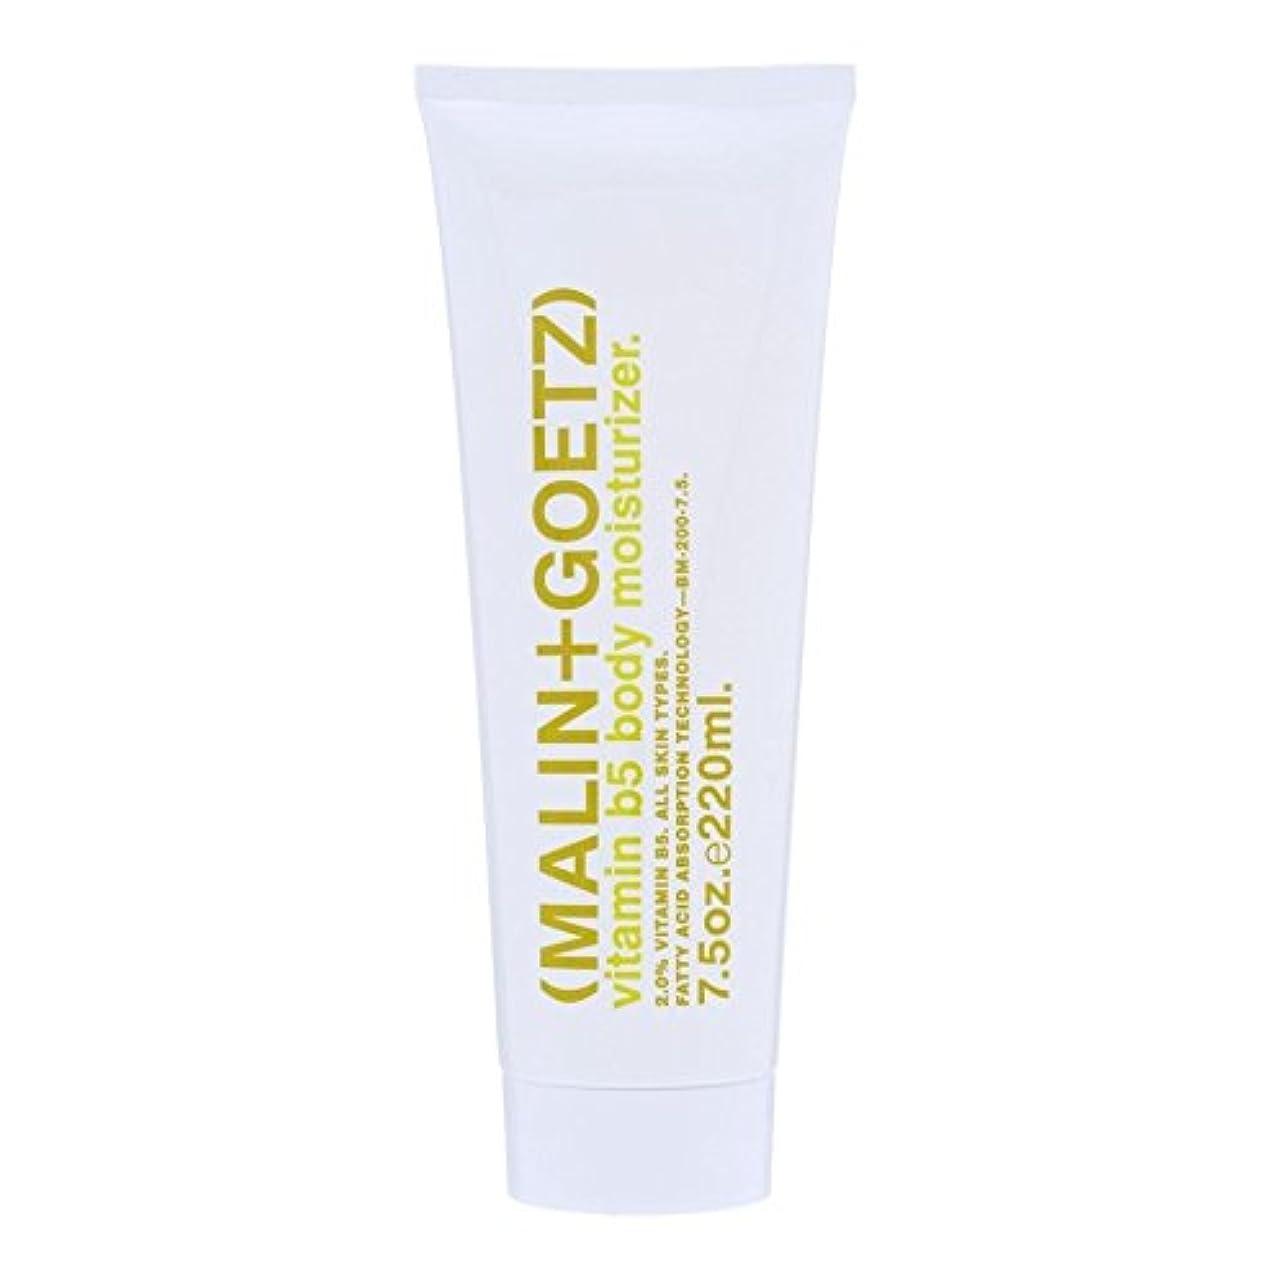 統計素晴らしさ痴漢(MALIN+GOETZ) Vitamin B5 Body Moisturiser 220ml - (マリン+ゲッツ)ビタミン5ボディモイスチャライザーの220ミリリットル [並行輸入品]